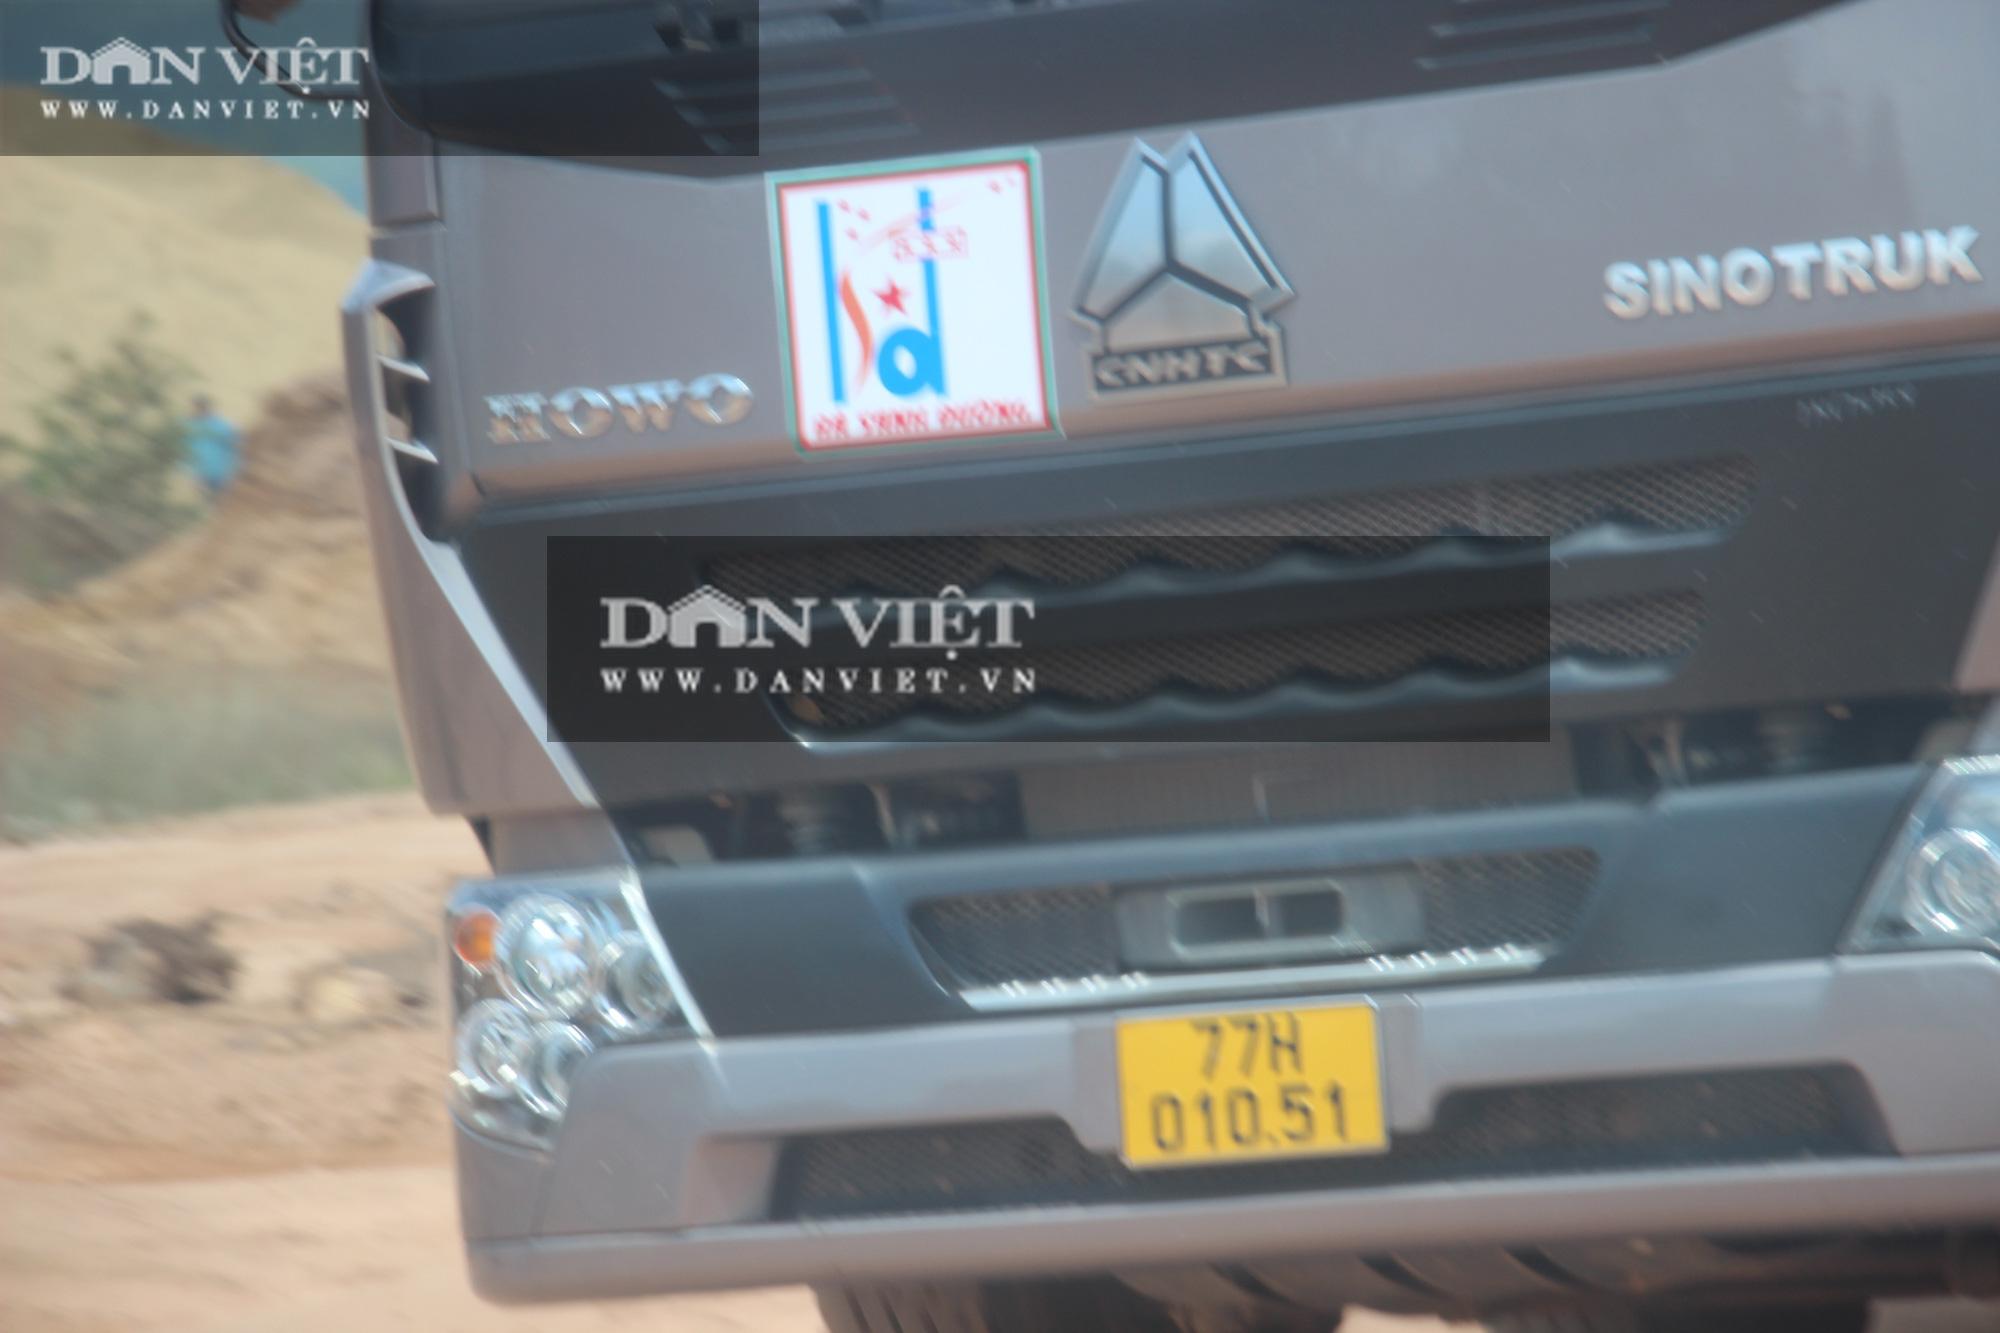 """Đoàn xe hổ vồ logo Bá Sanh Đường """"tung hoành"""" ở Thị xã Hoài Nhơn: Chẳng lẽ """"bó tay""""? - Ảnh 4."""